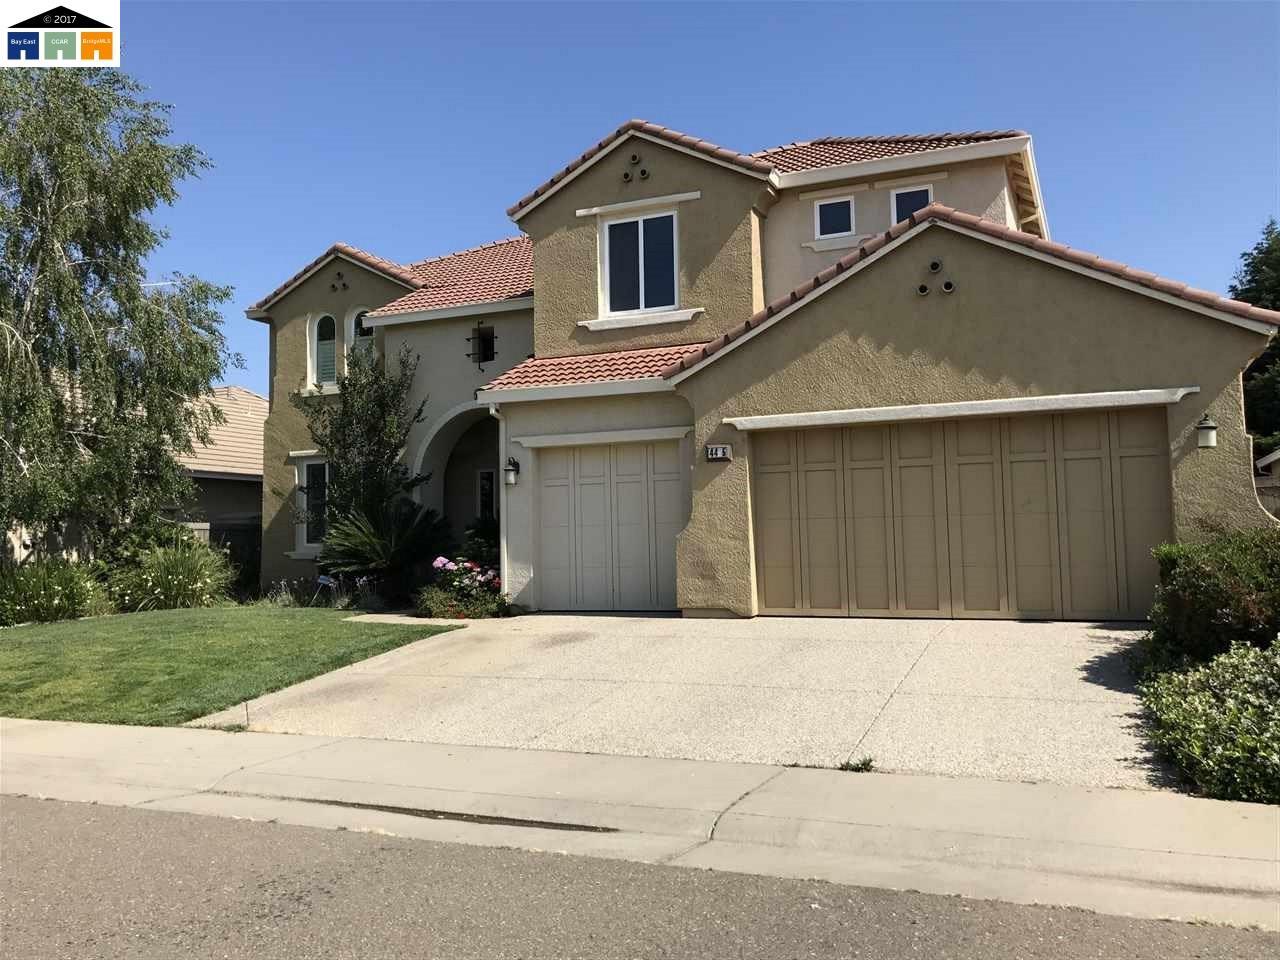 一戸建て のために 売買 アット 4425 SOPHISTRY DRIVE 4425 SOPHISTRY DRIVE Rancho Cordova, カリフォルニア 95742 アメリカ合衆国